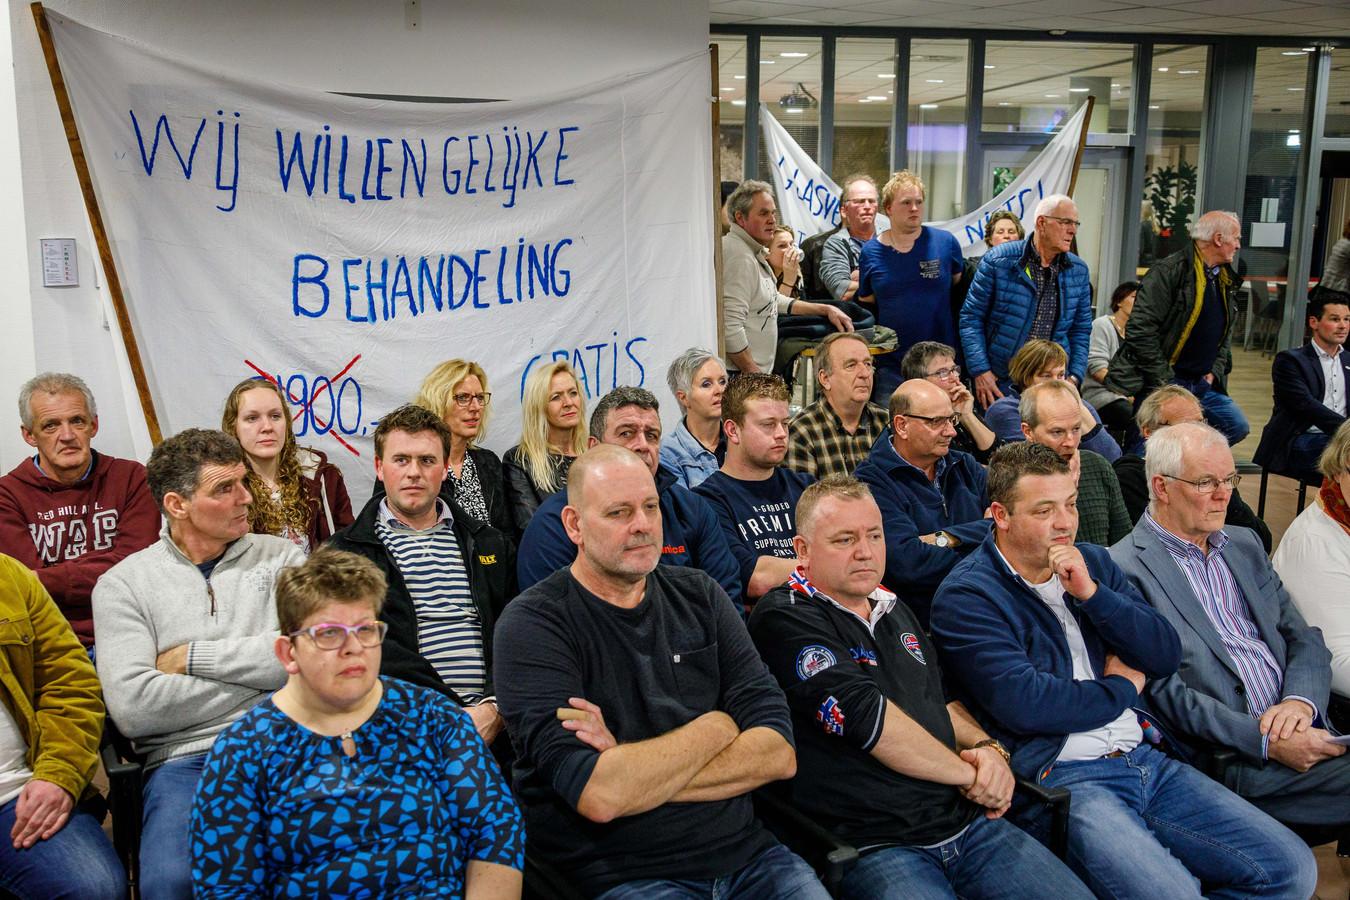 Inwoners uit allerlei dorpen van Steenwijkerland waren dinsdagavond in de raadszaal in Steenwijk aanwezig om hun standpunt duidelijk te maken.